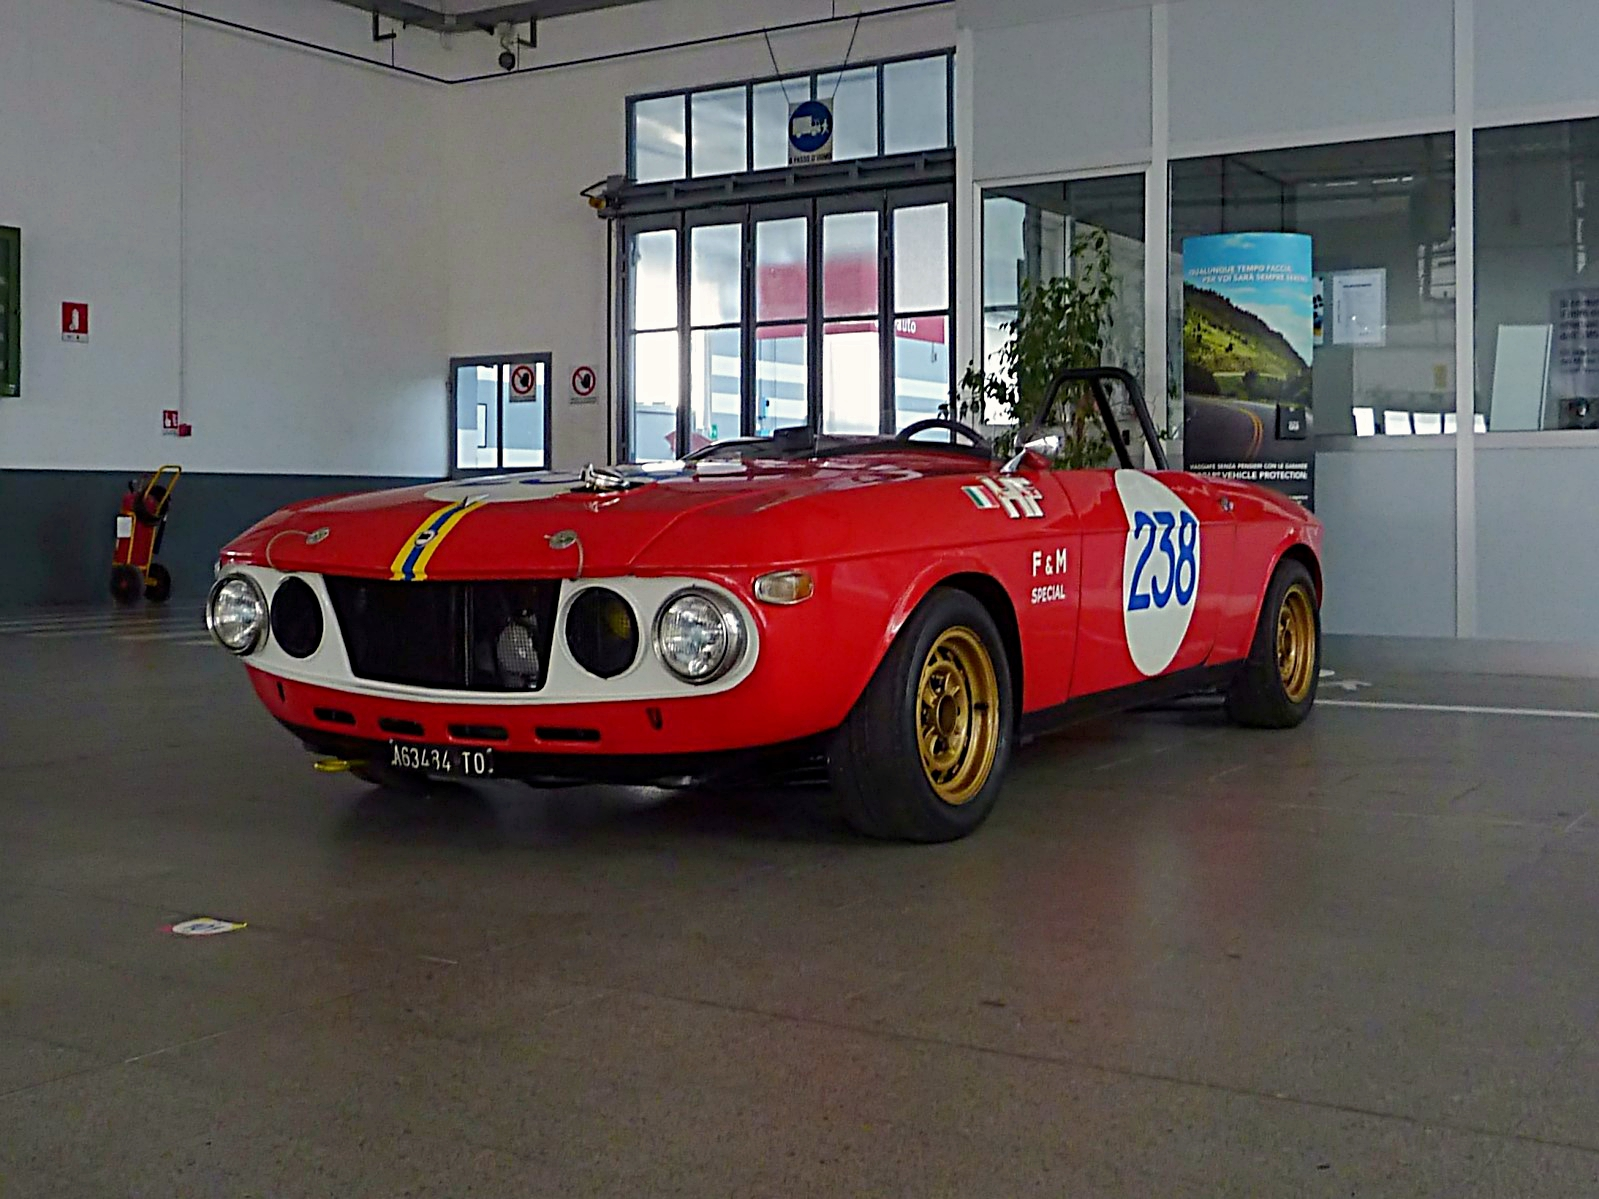 1969 Lancia Fulvia HF Barchetta F&M (Sandro  Munari) (2)_Fotor